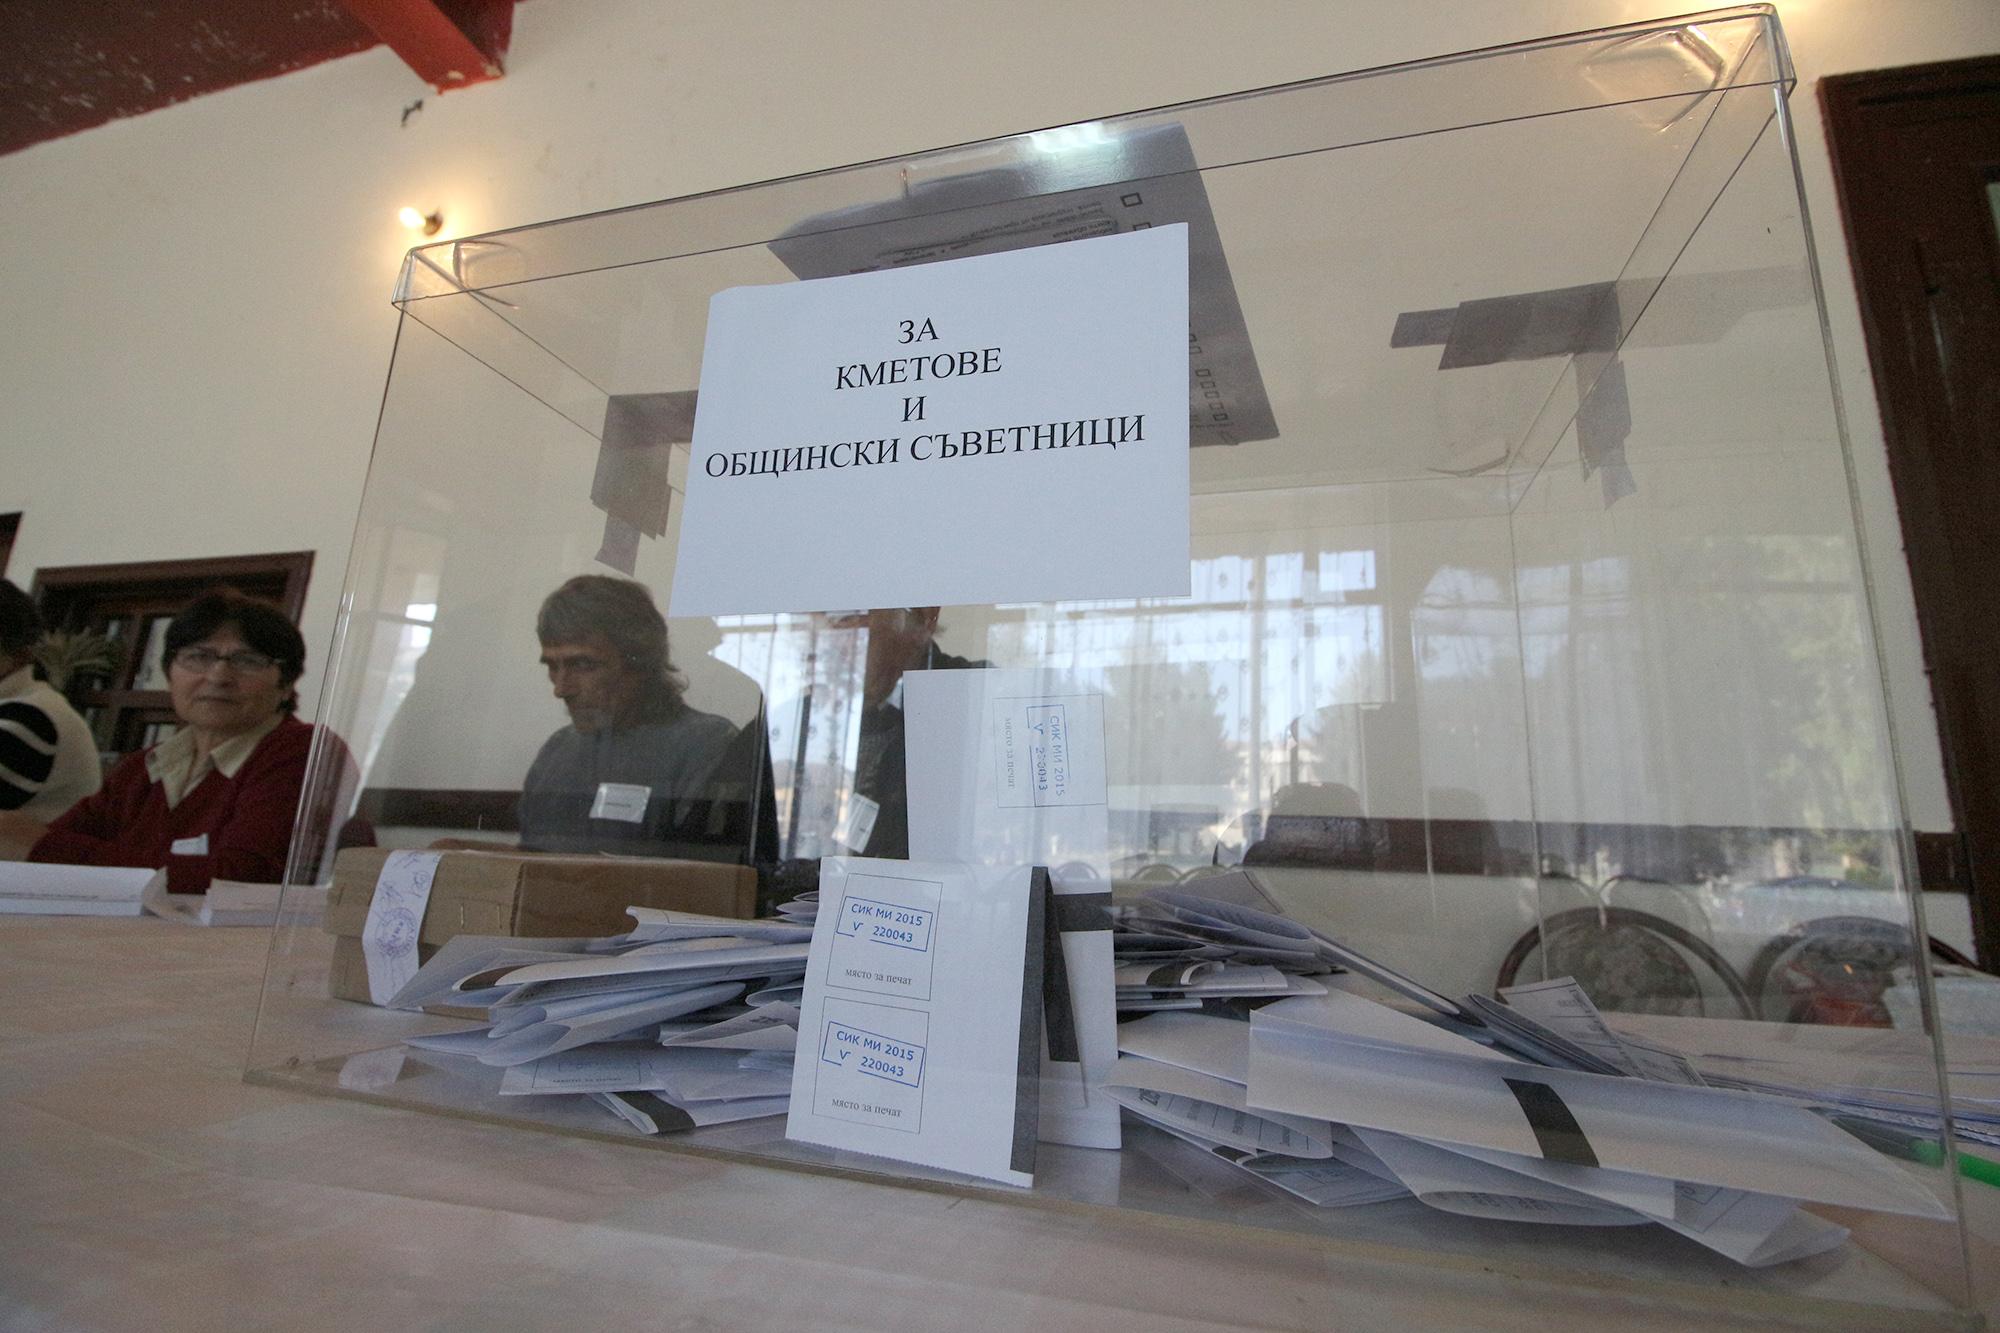 izbori-vote-urna